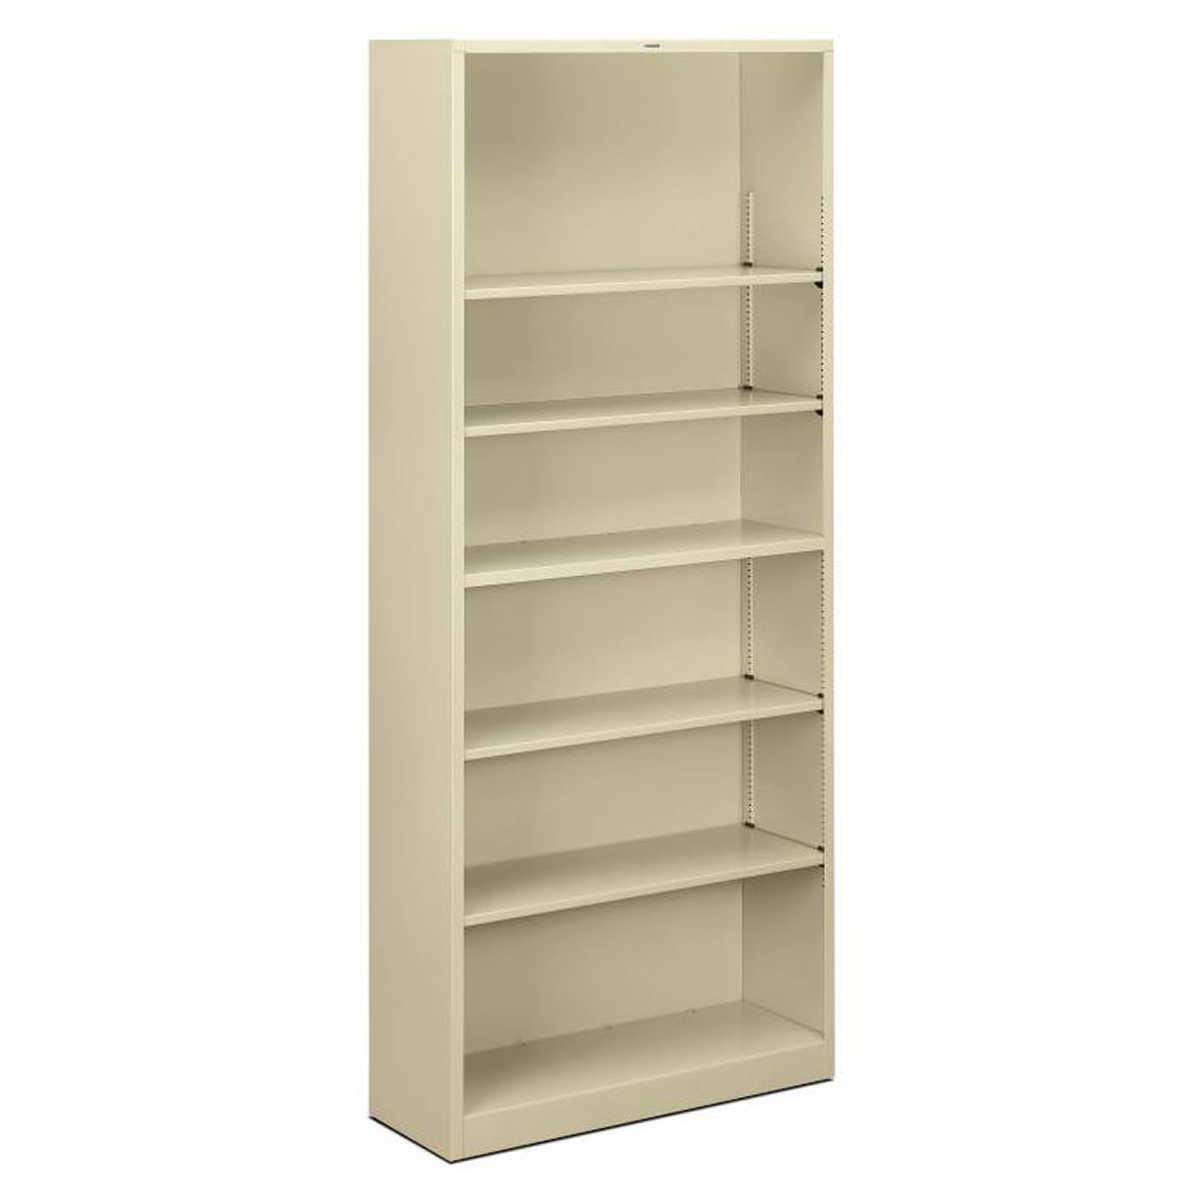 Hon Brigade 6 Shelf Bookcase 34 1 2 W Putty